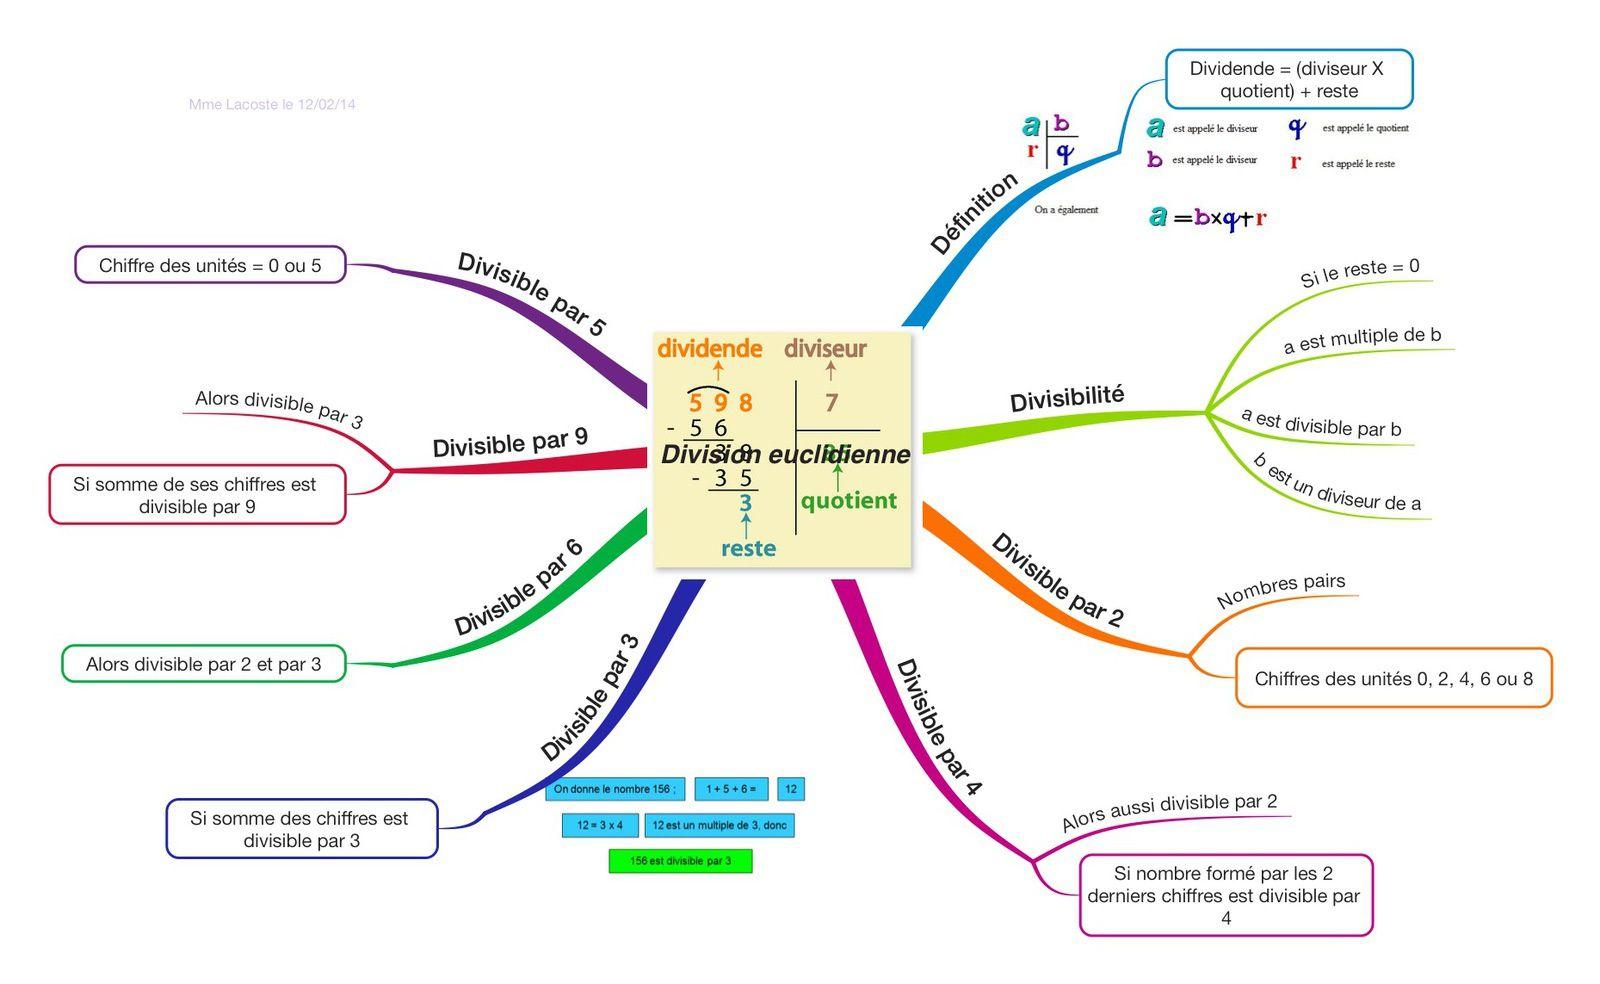 Division euclidienne - Mme Lacoste - Le cartable de Luciole - over-blog-kiwi.com